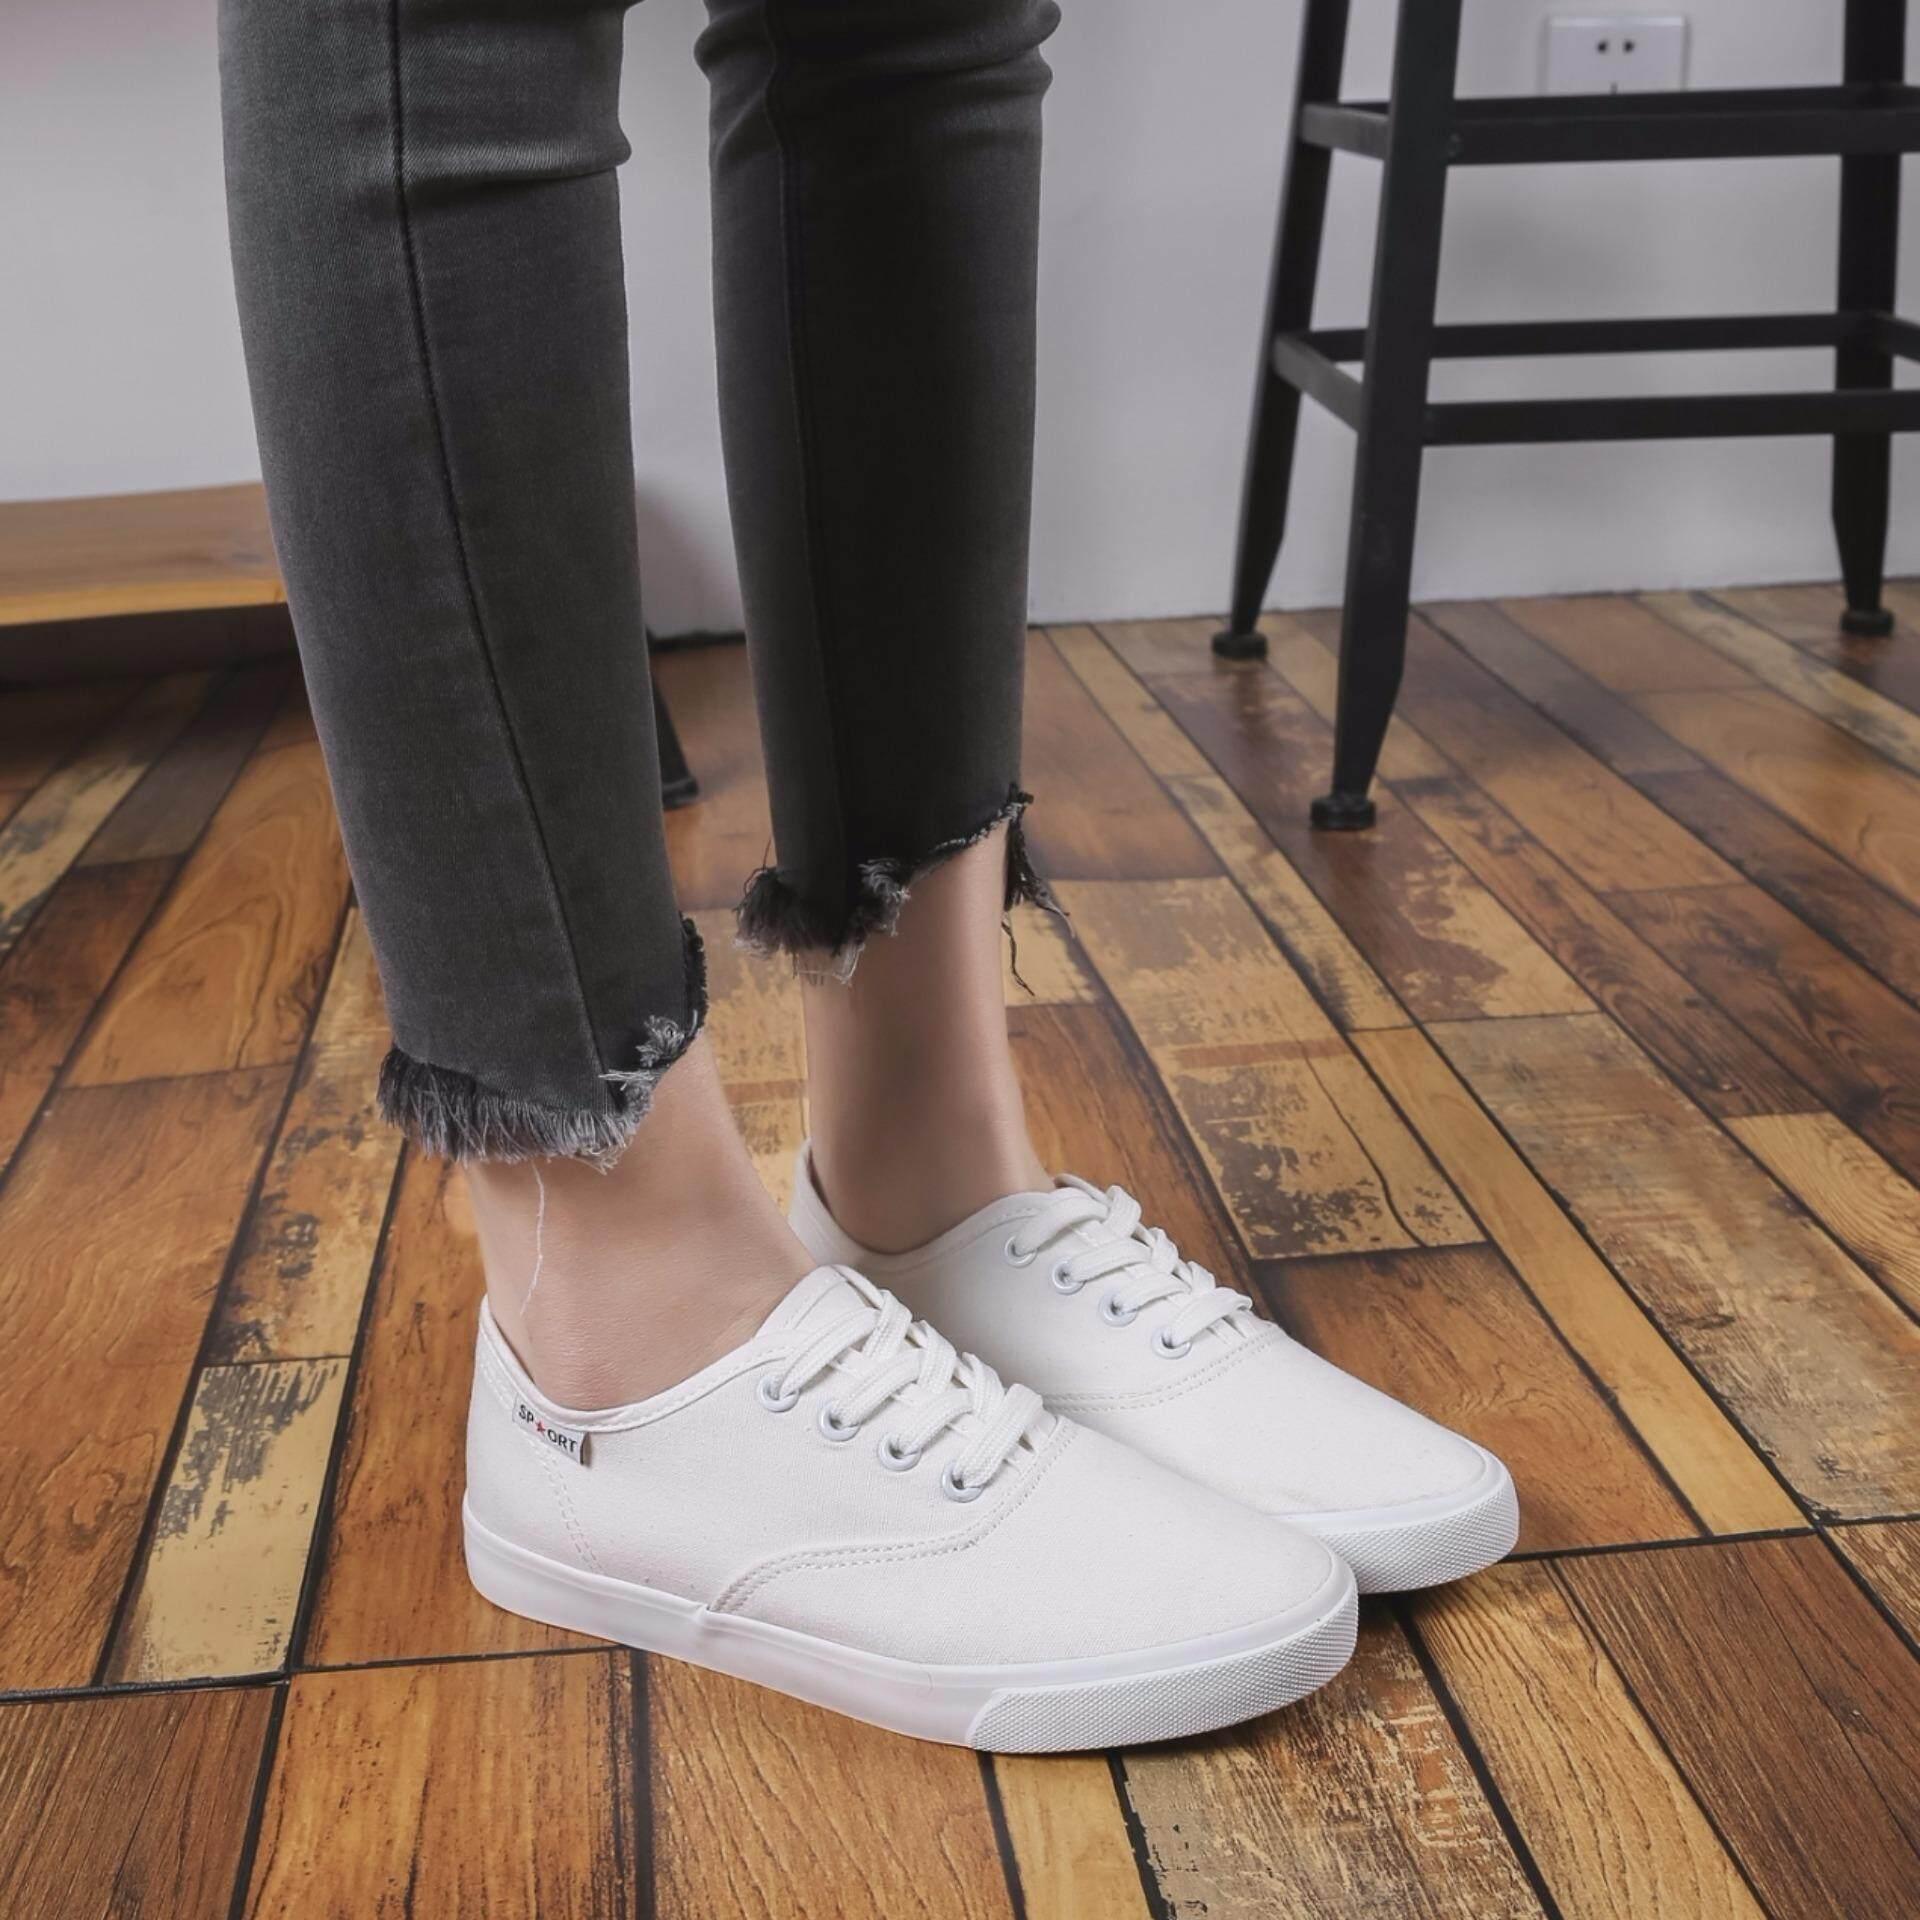 ทบทวน You Shoes รองเท้าผ้าใบผู้หญิง รุ่น 2655 สีขาว Unbranded Generic